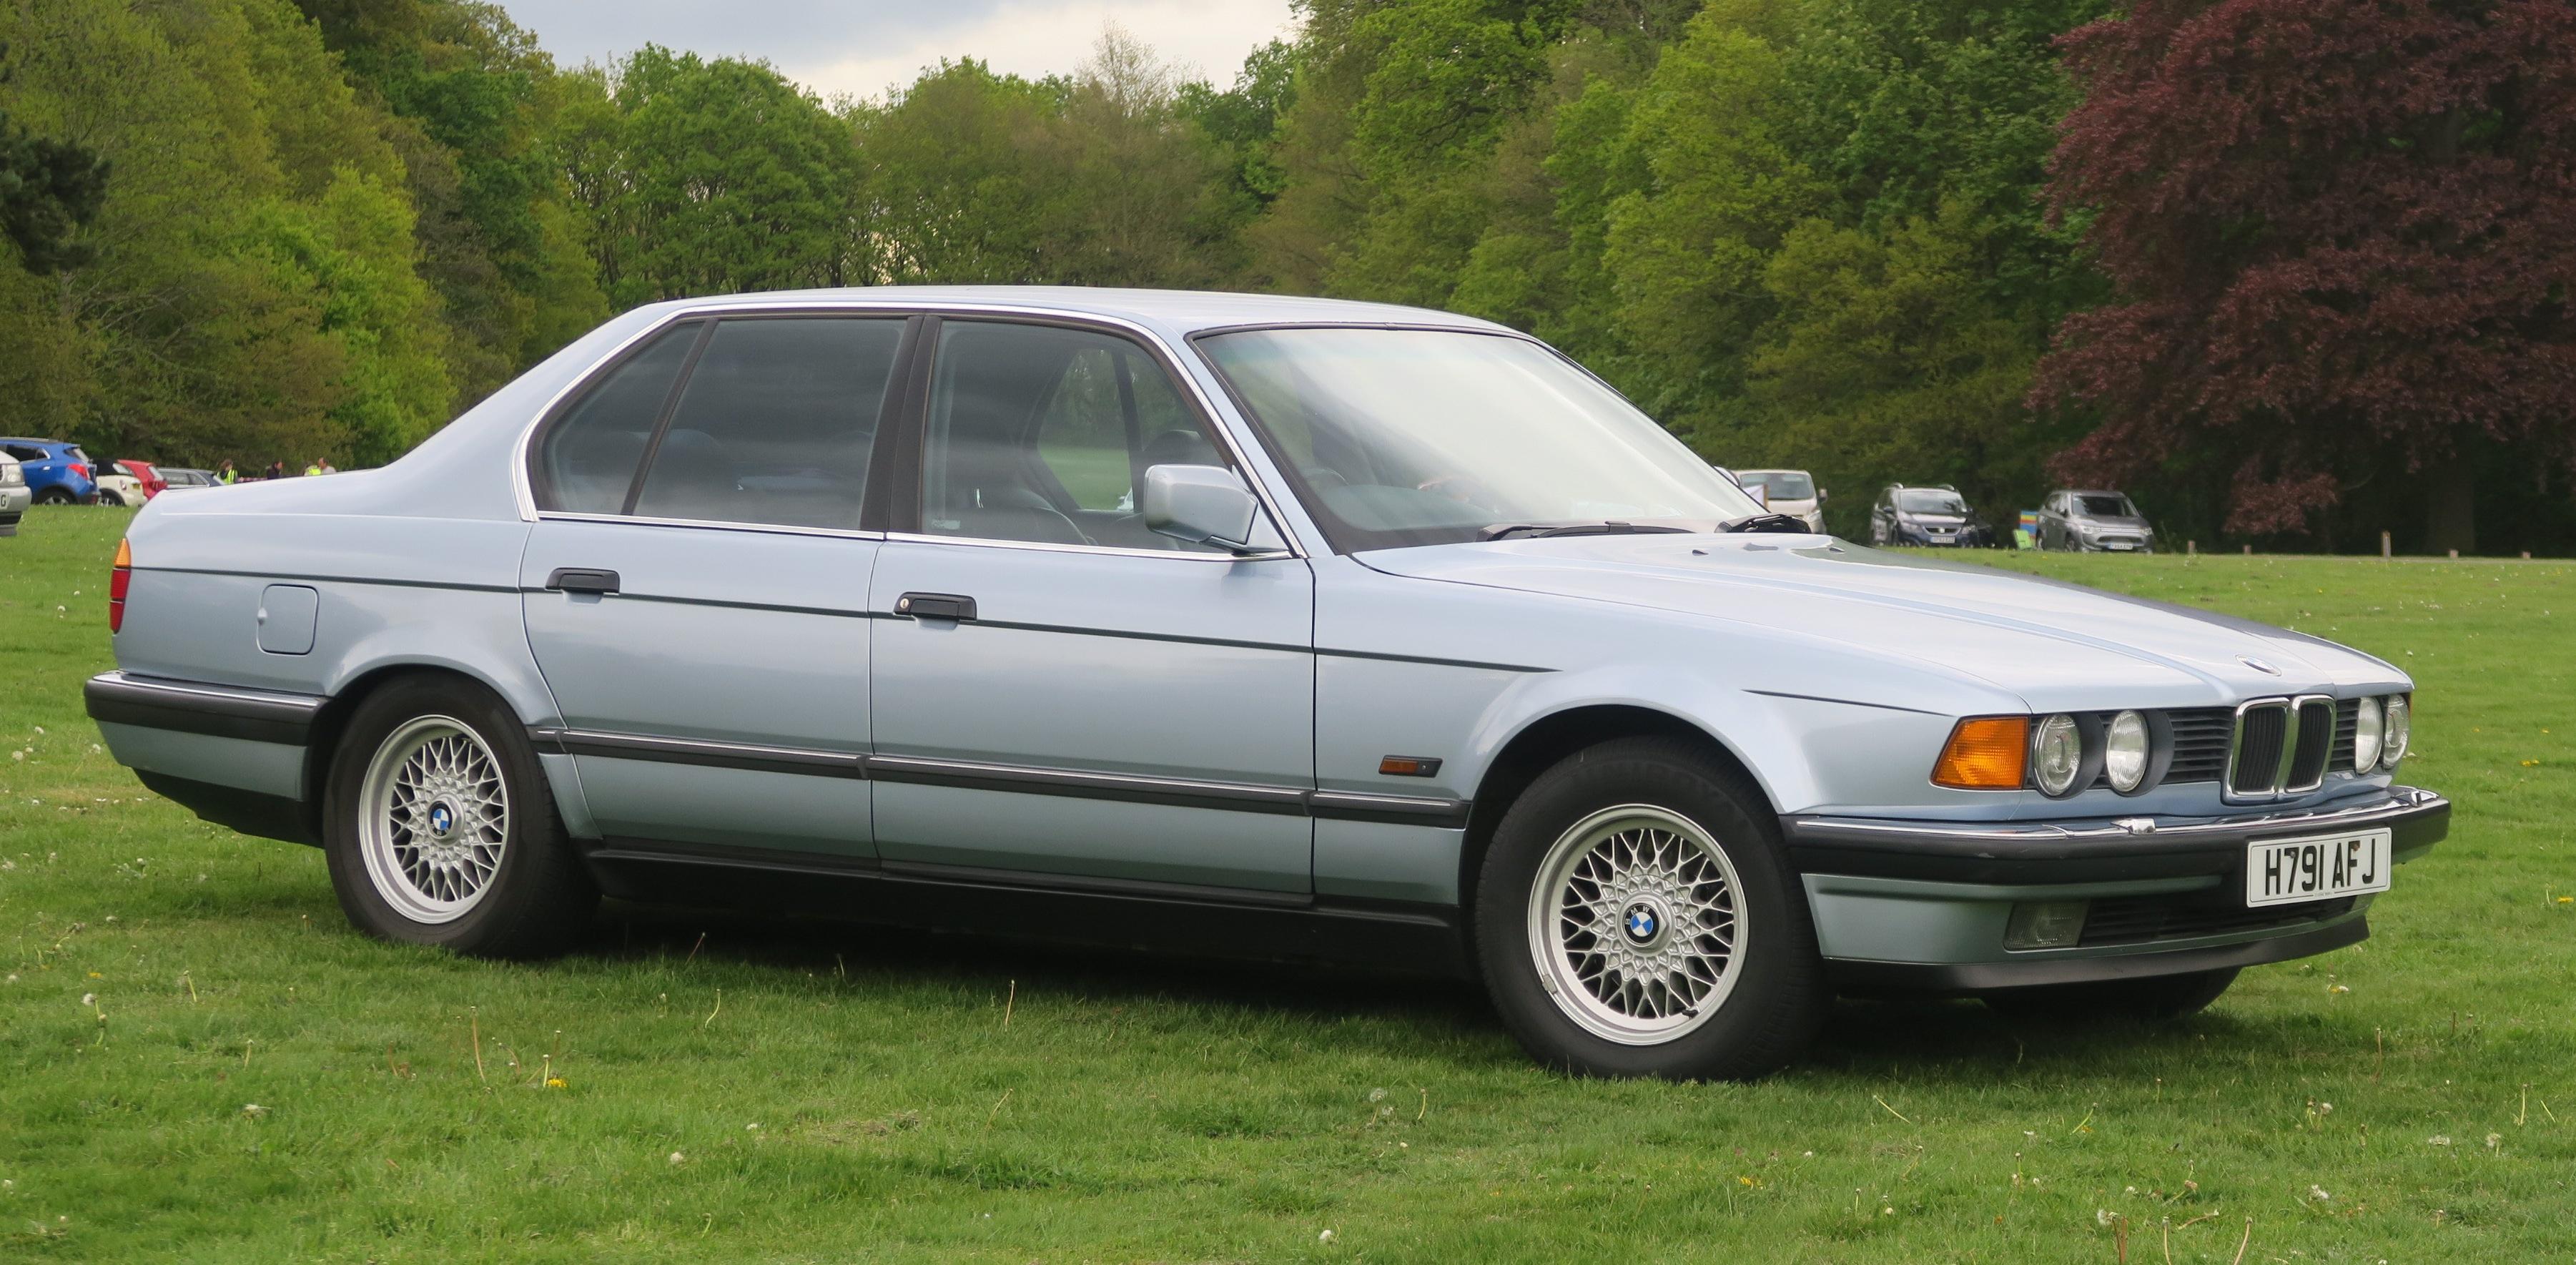 BMW 7 Series (E32) - WikipediaWikipedia